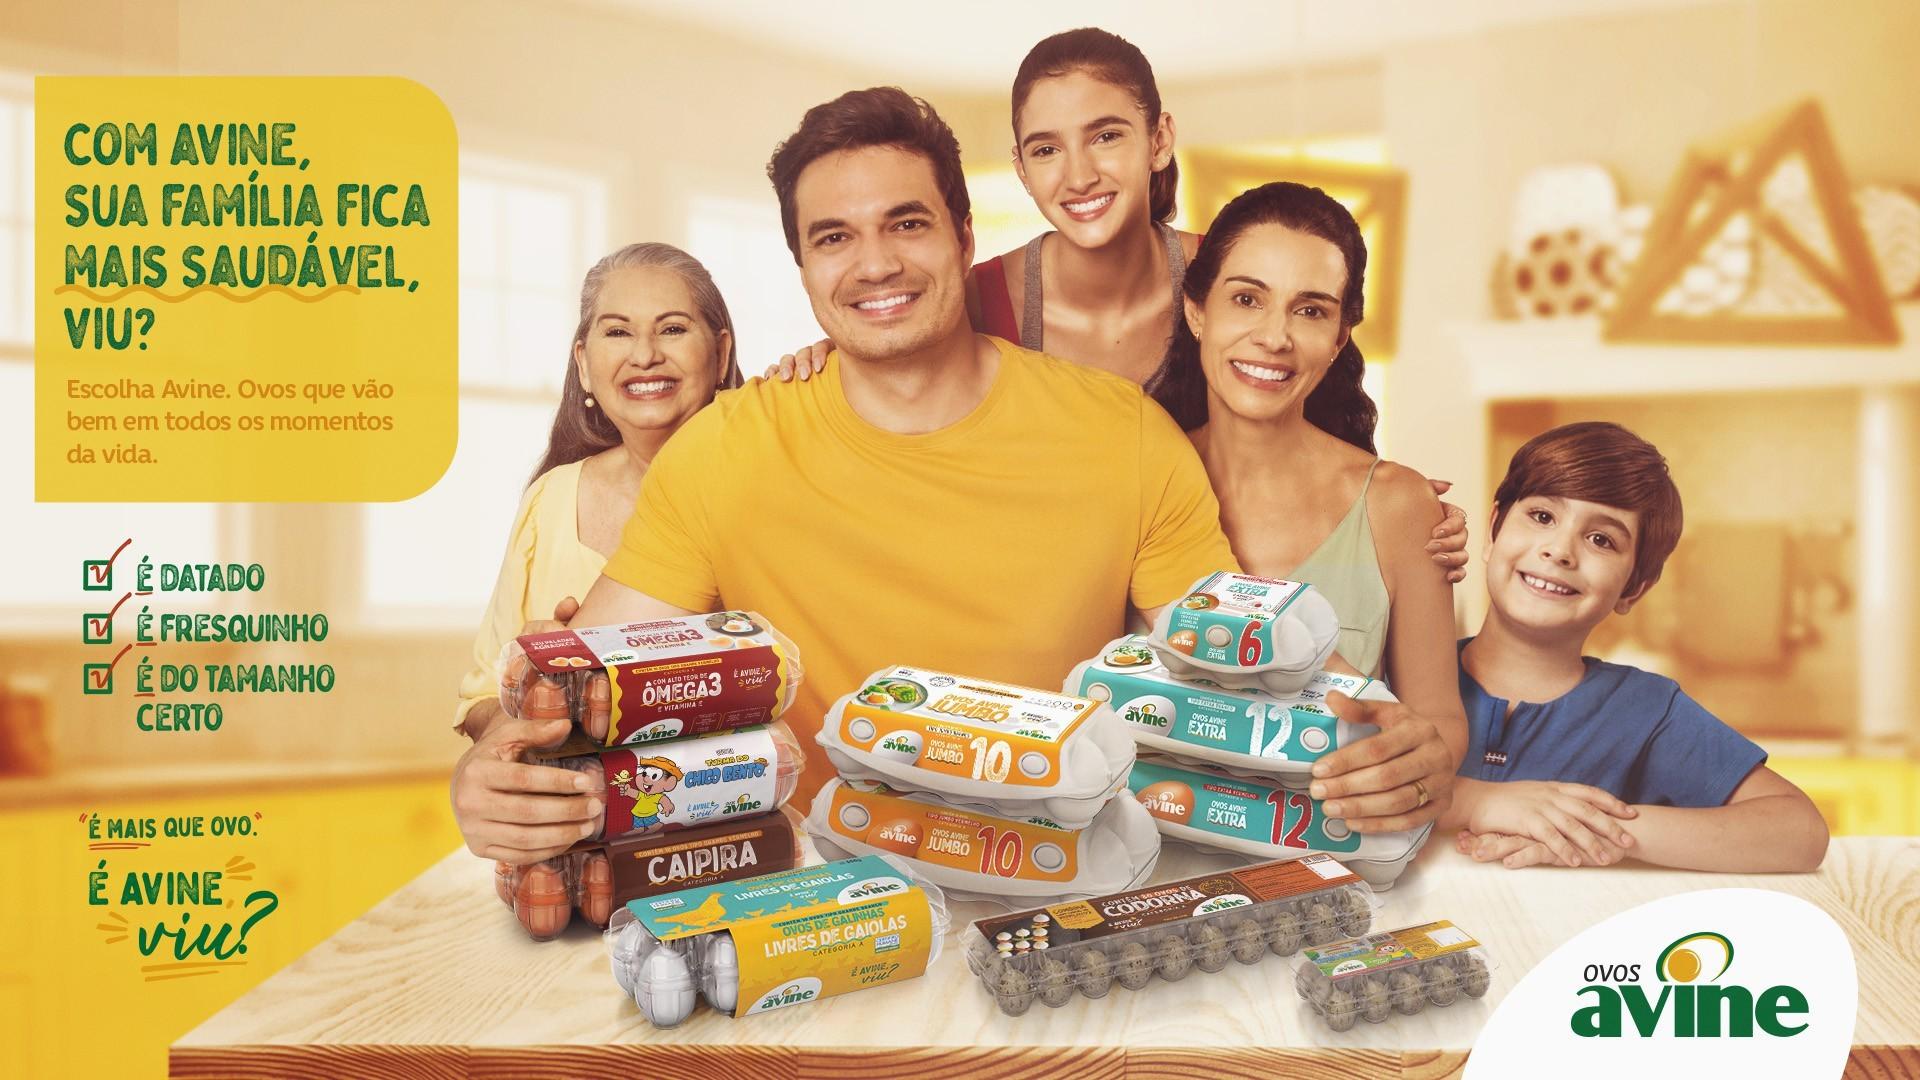 Avine Alimentos apresenta nova campanha